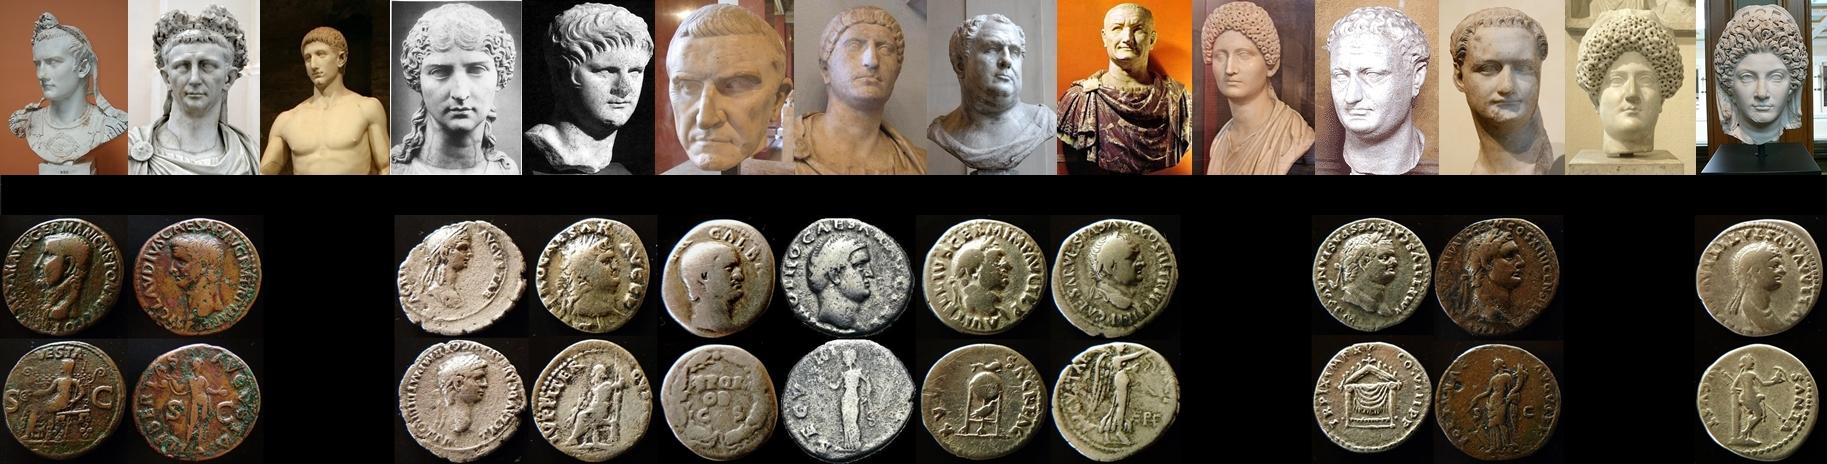 Mis Personalidades Imperiales Romanas (Gracias @JMR por la idea ) 707vqr